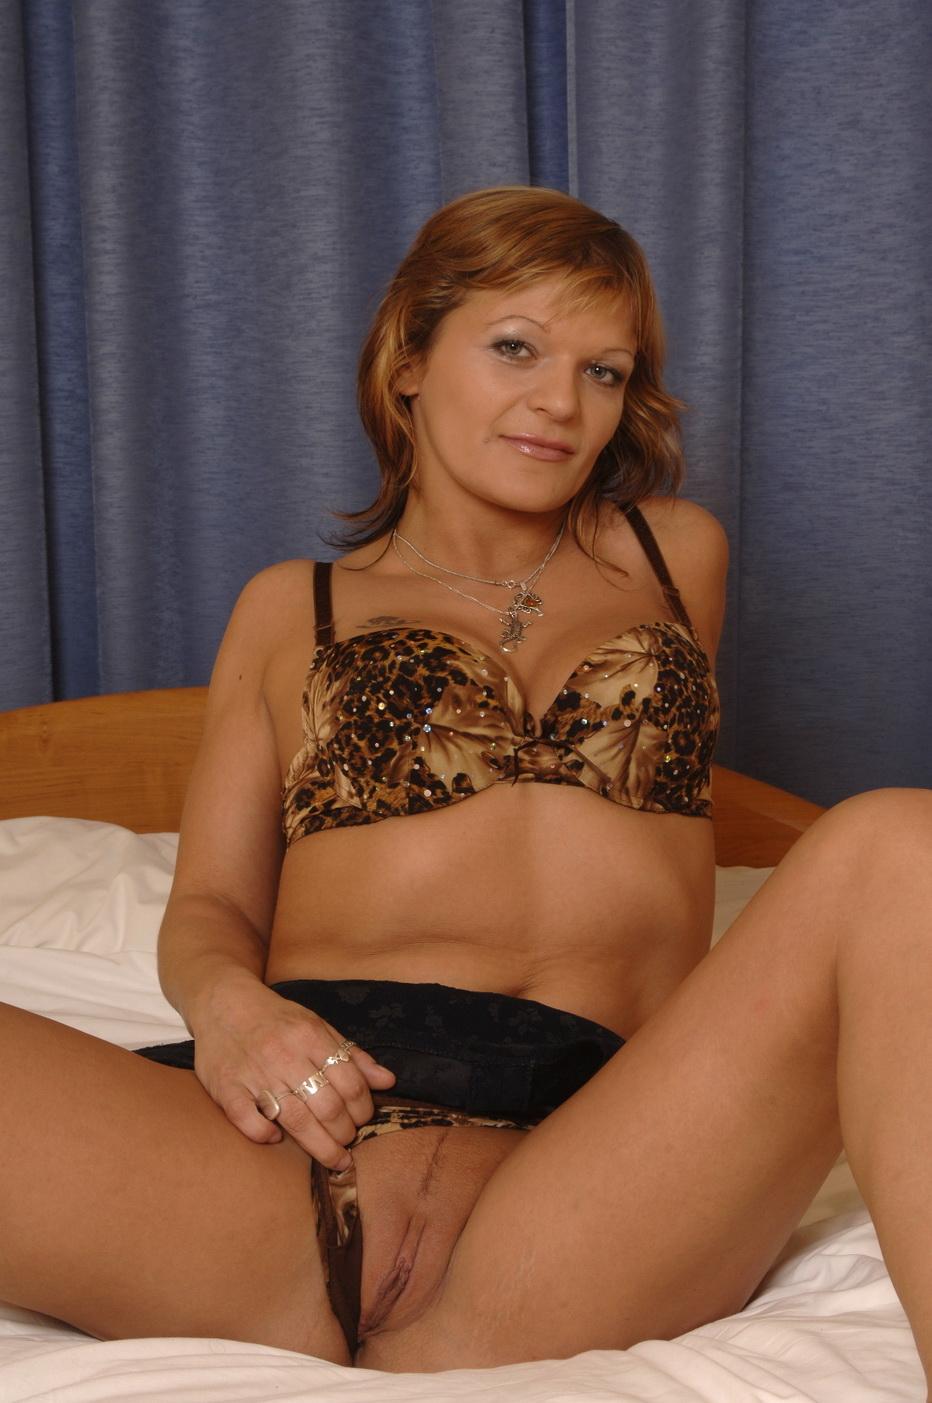 Geile huisvrouw zoekt sex met man